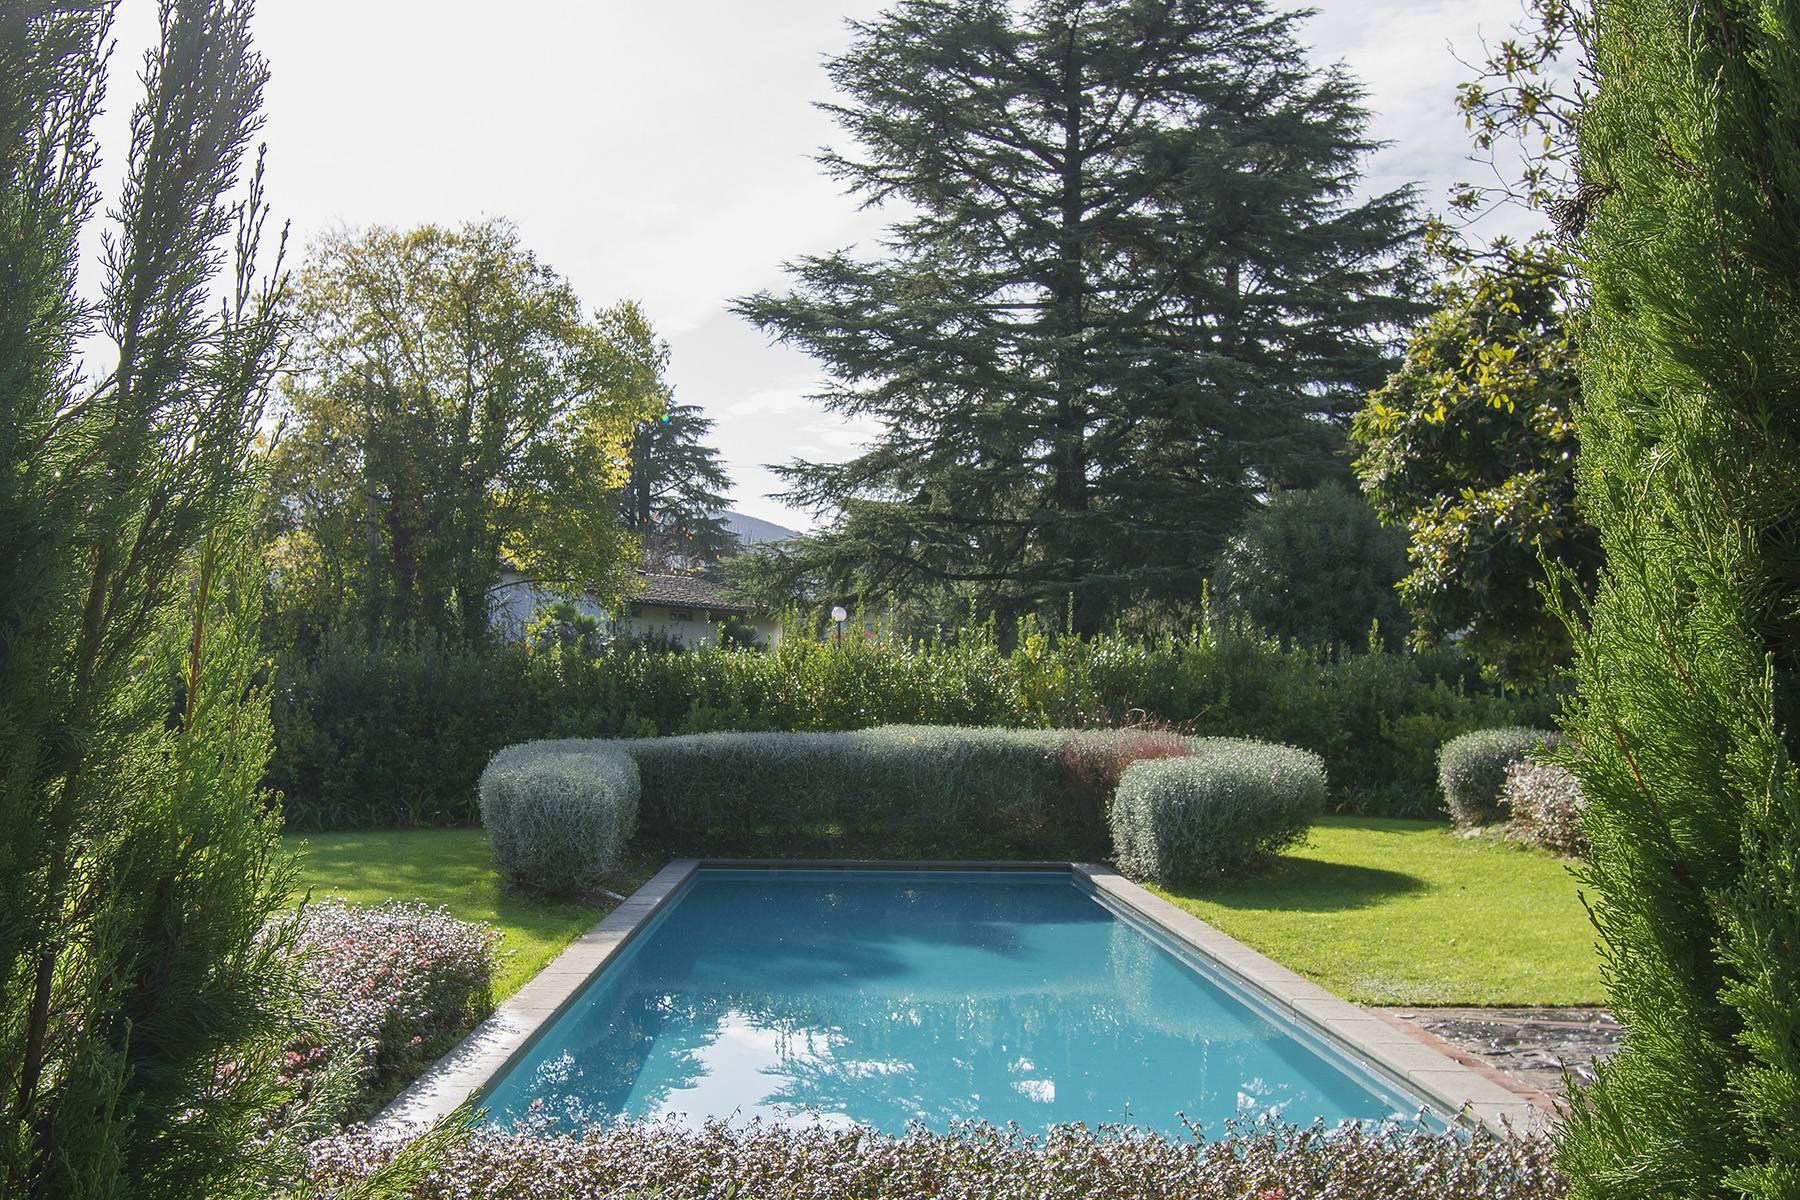 Casa indipendente in Vendita a Lucca: 5 locali, 130 mq - Foto 13